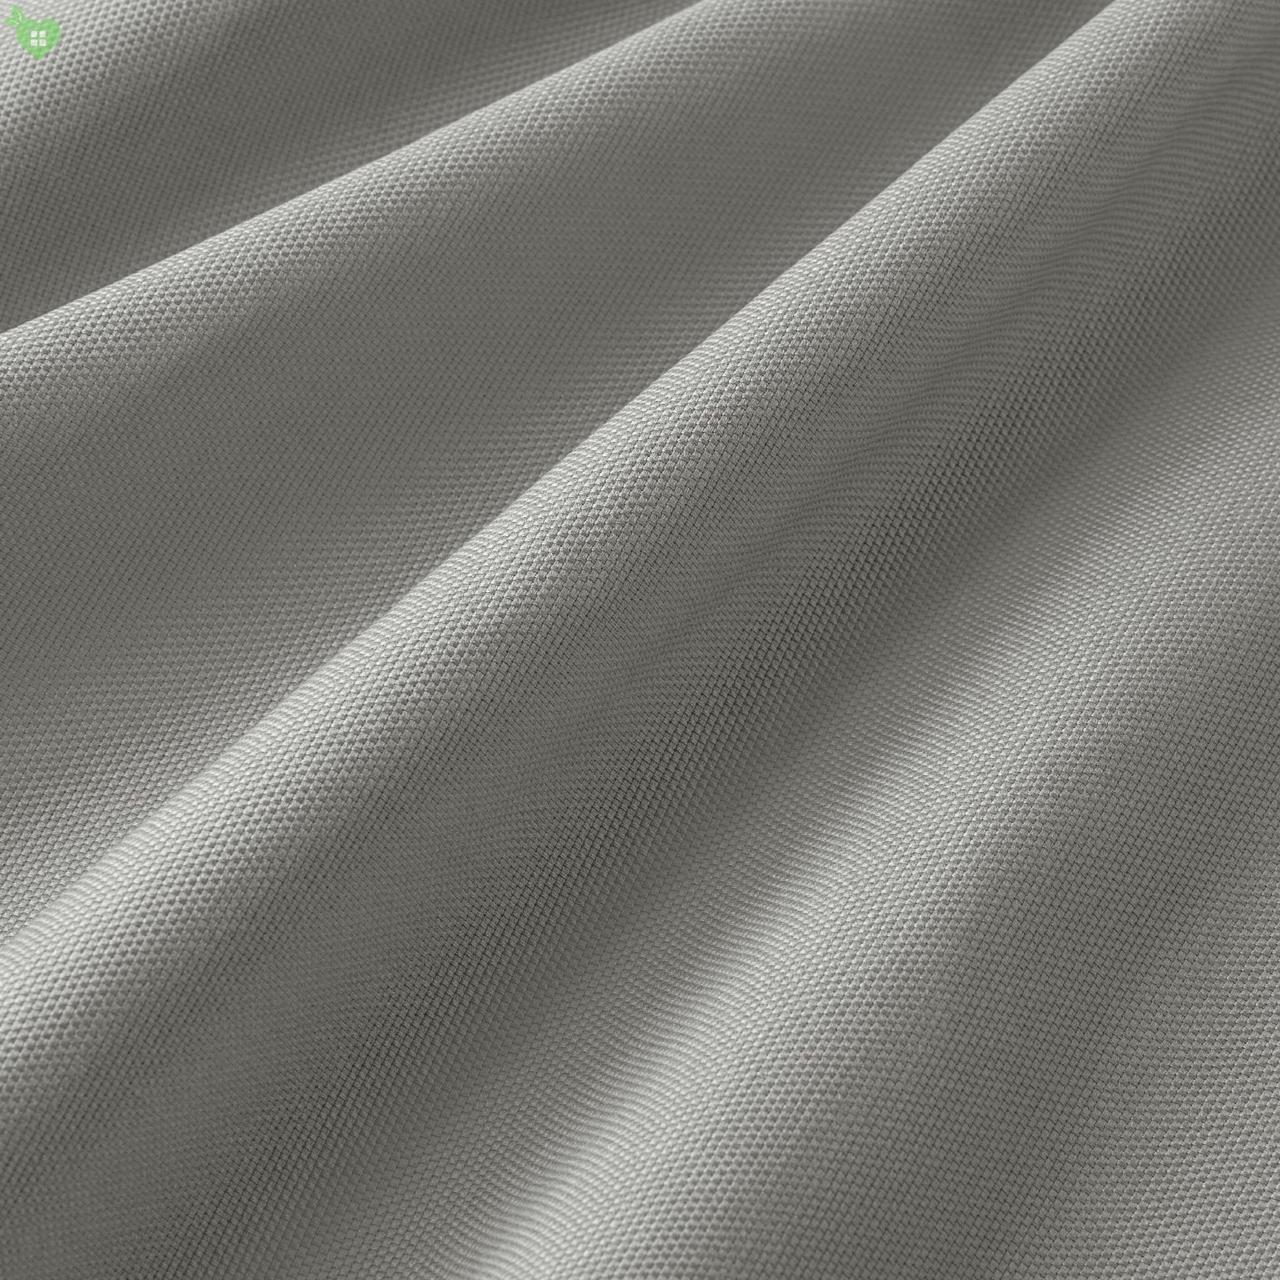 Вулична тканина з фактурою сірого кольору для веранди 84274v7